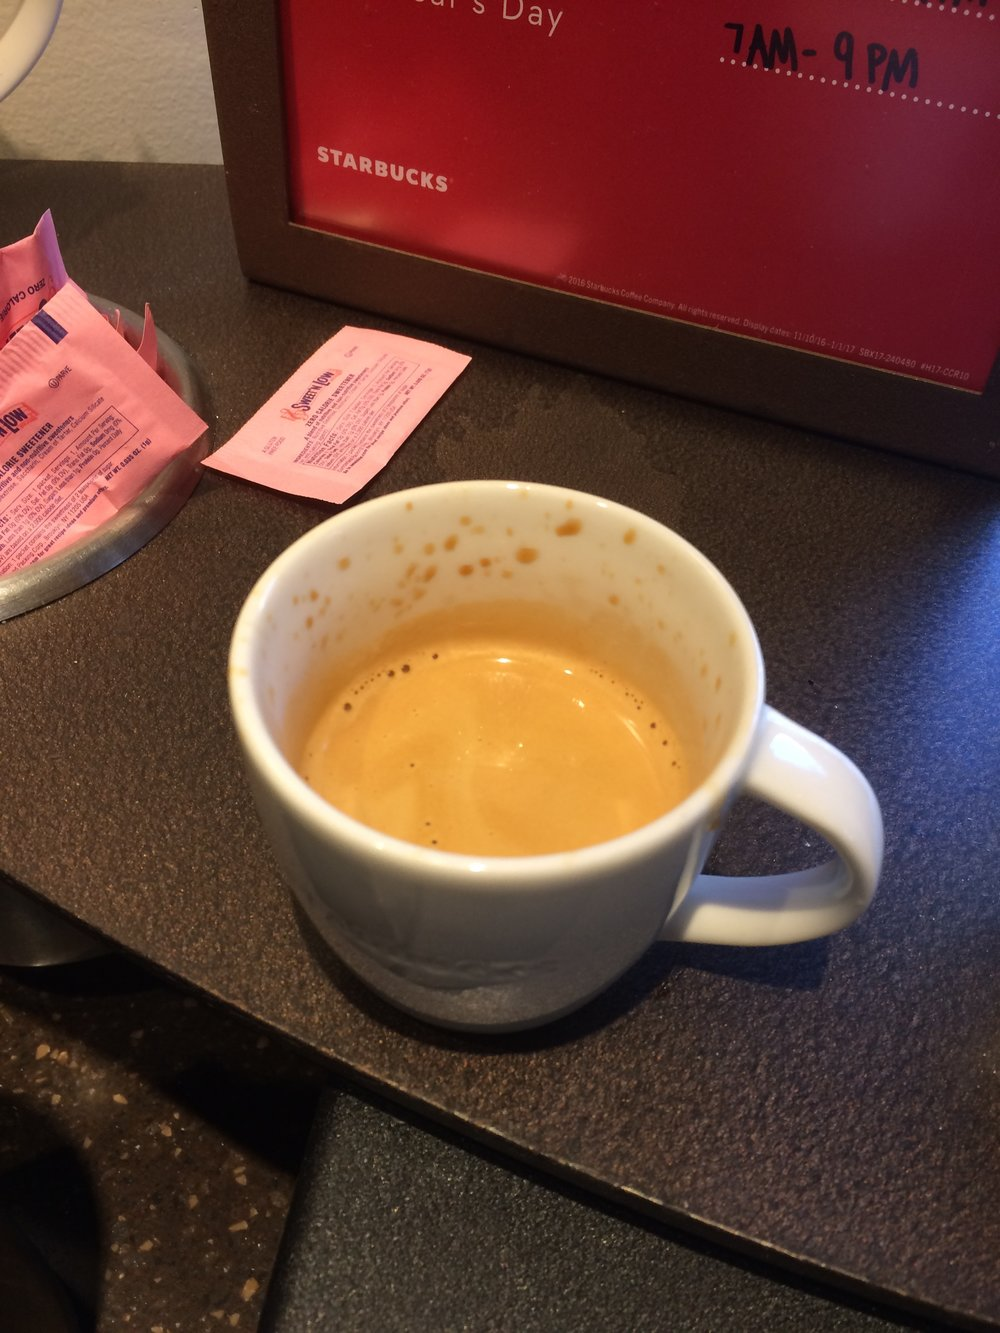 Dulpo espresso at Starbucks.